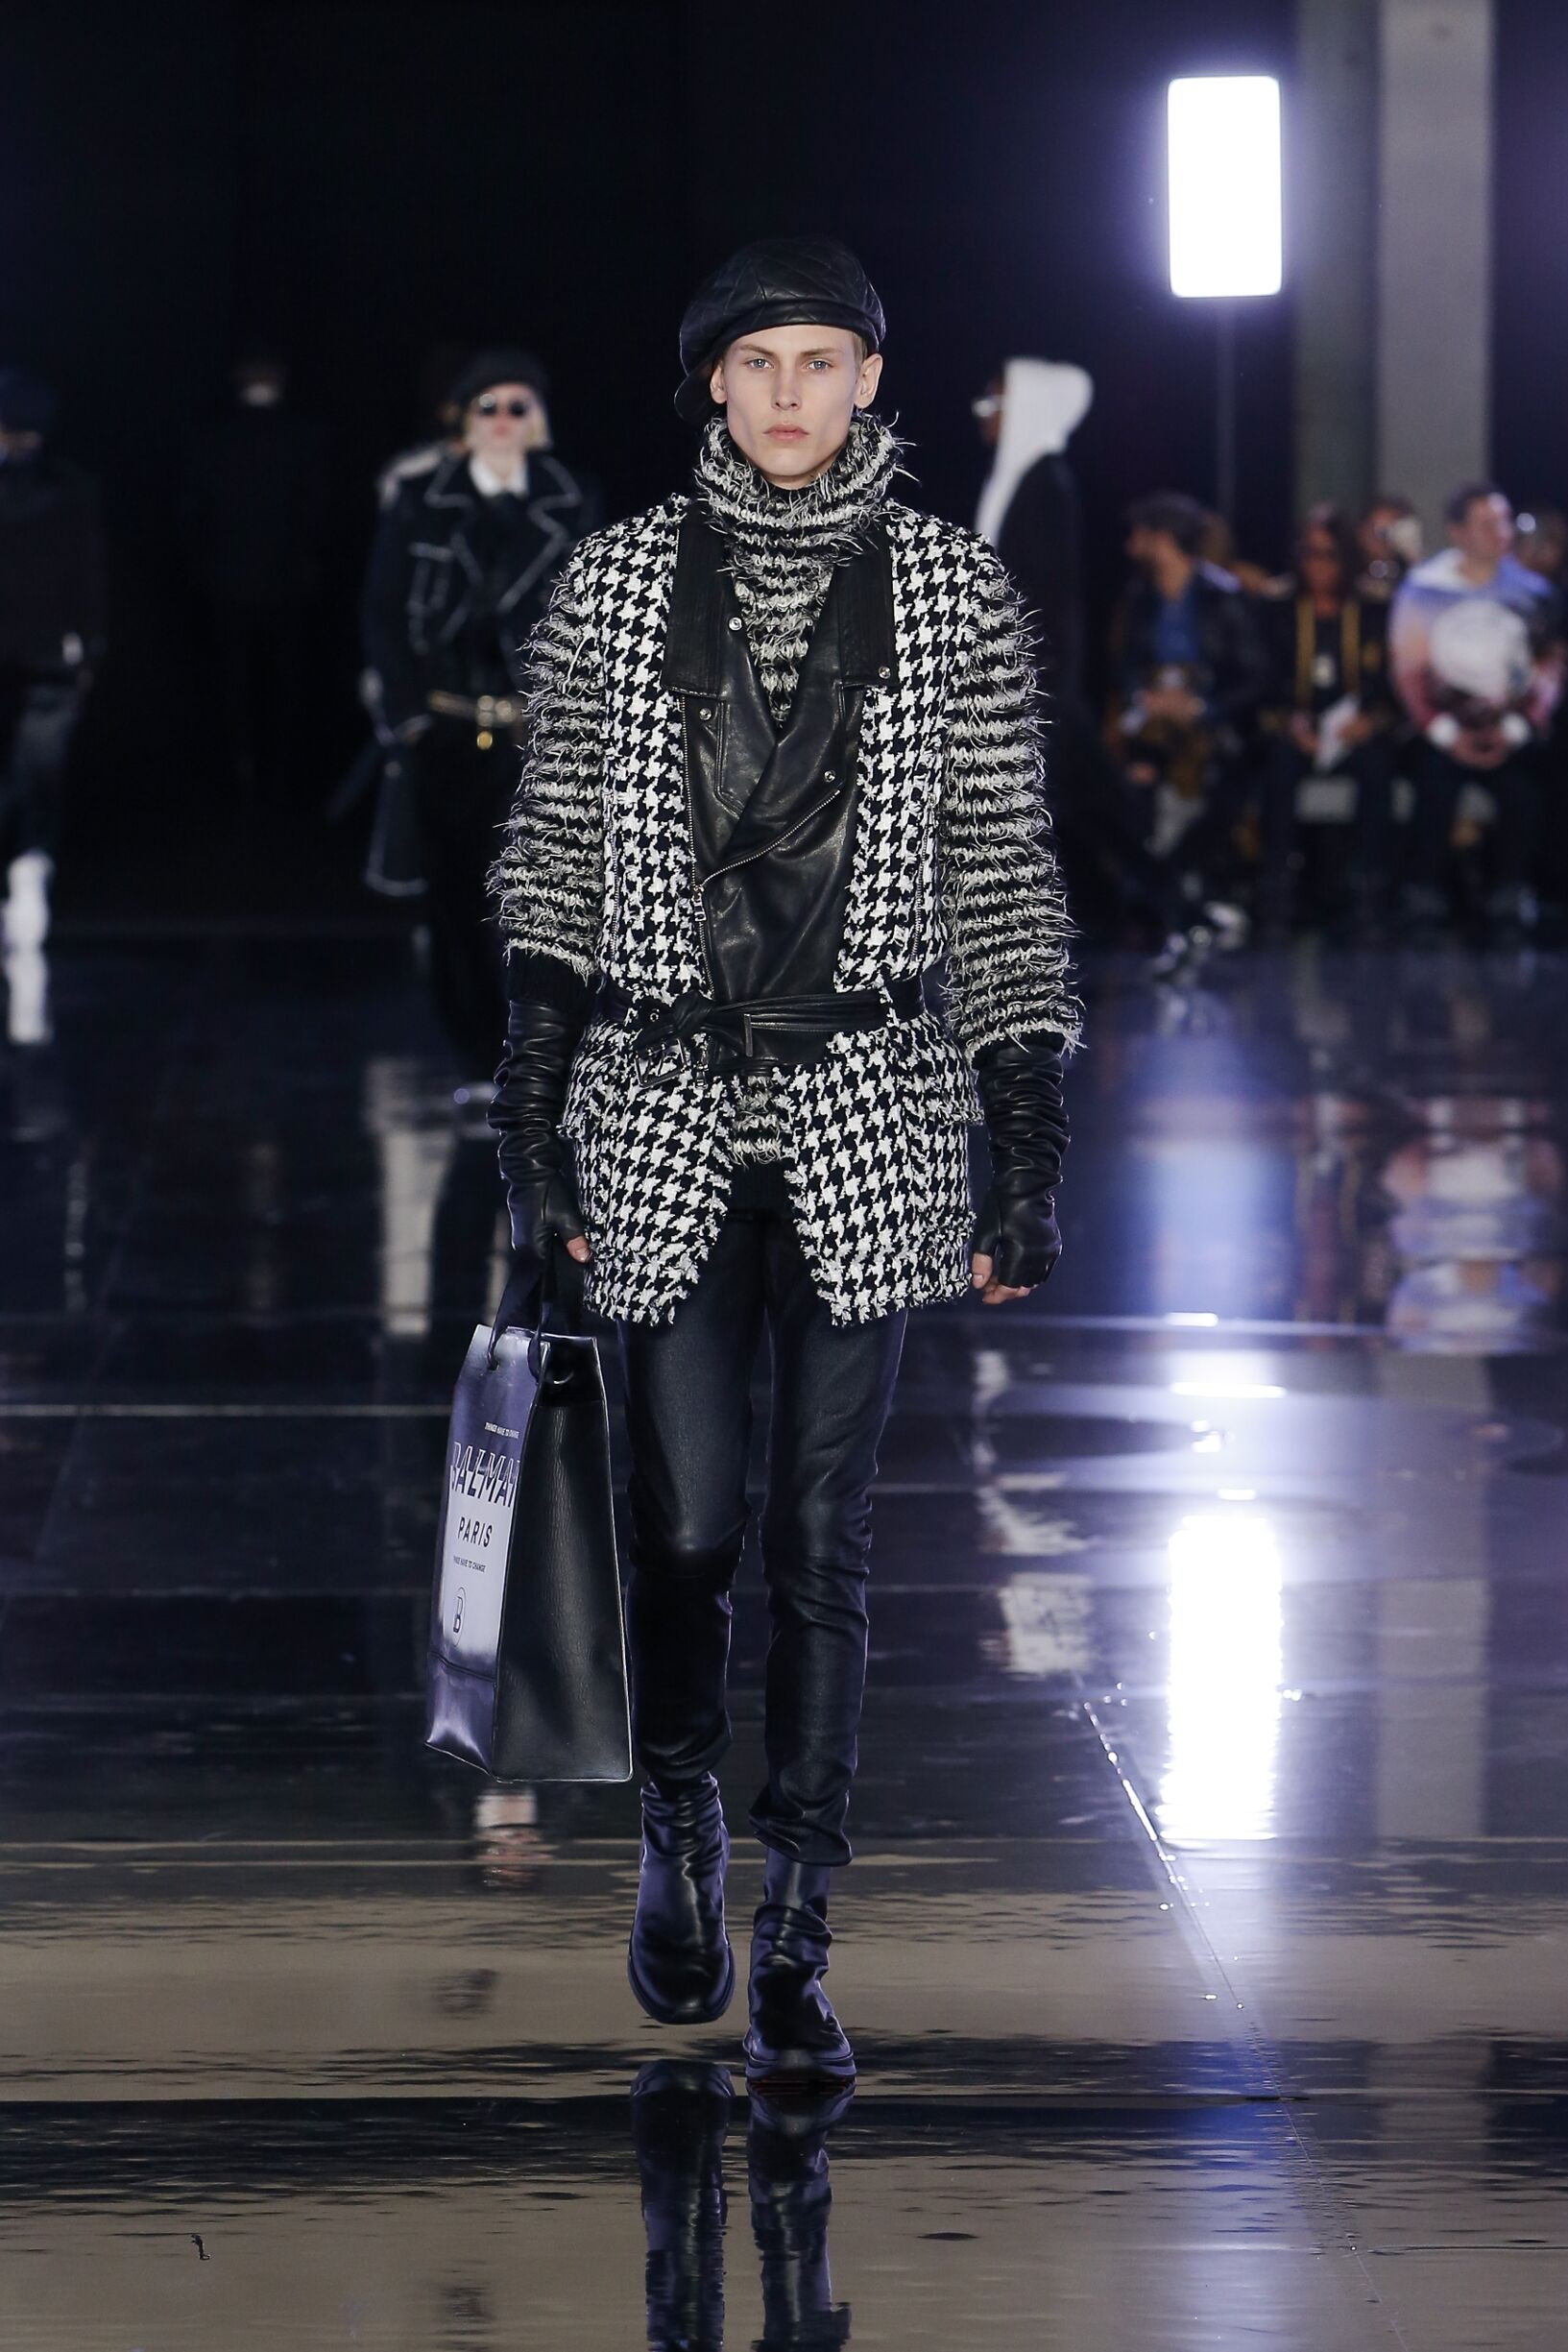 Fashion Model Balmain Catwalk